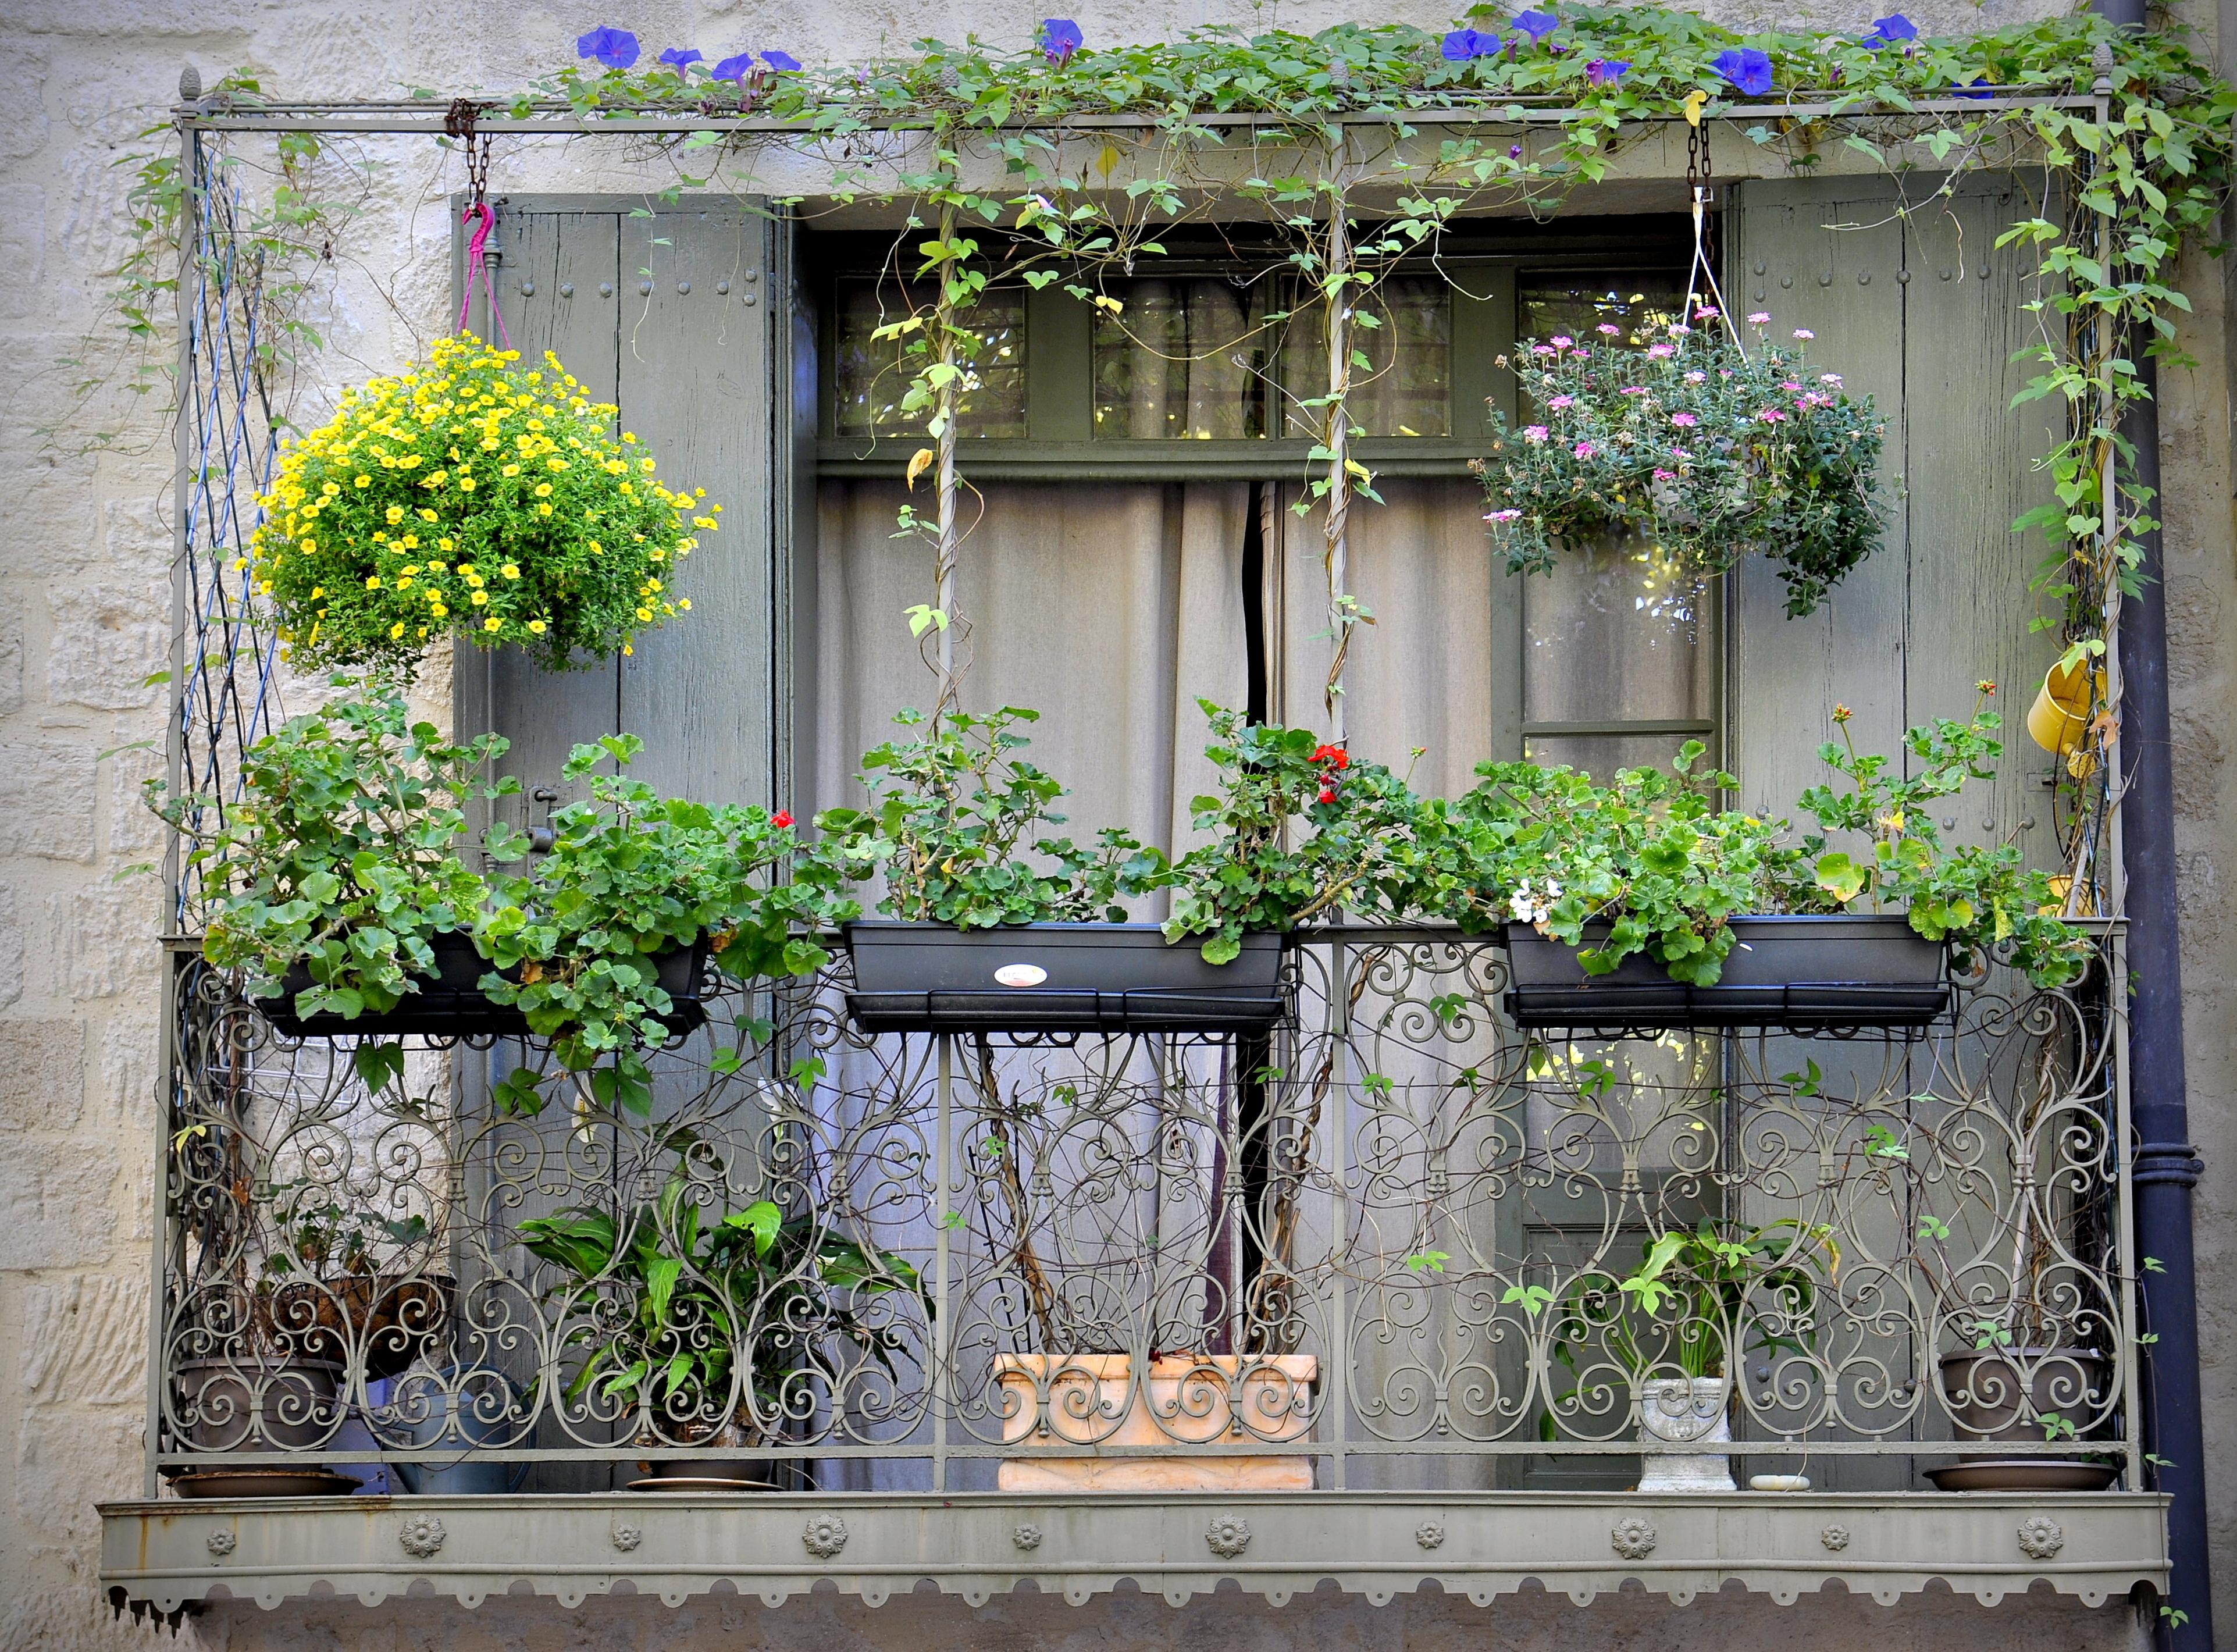 Episode 3 jardiner sur son balcon notre s lection de jardini res et pots - Jardiner sur son balcon ...